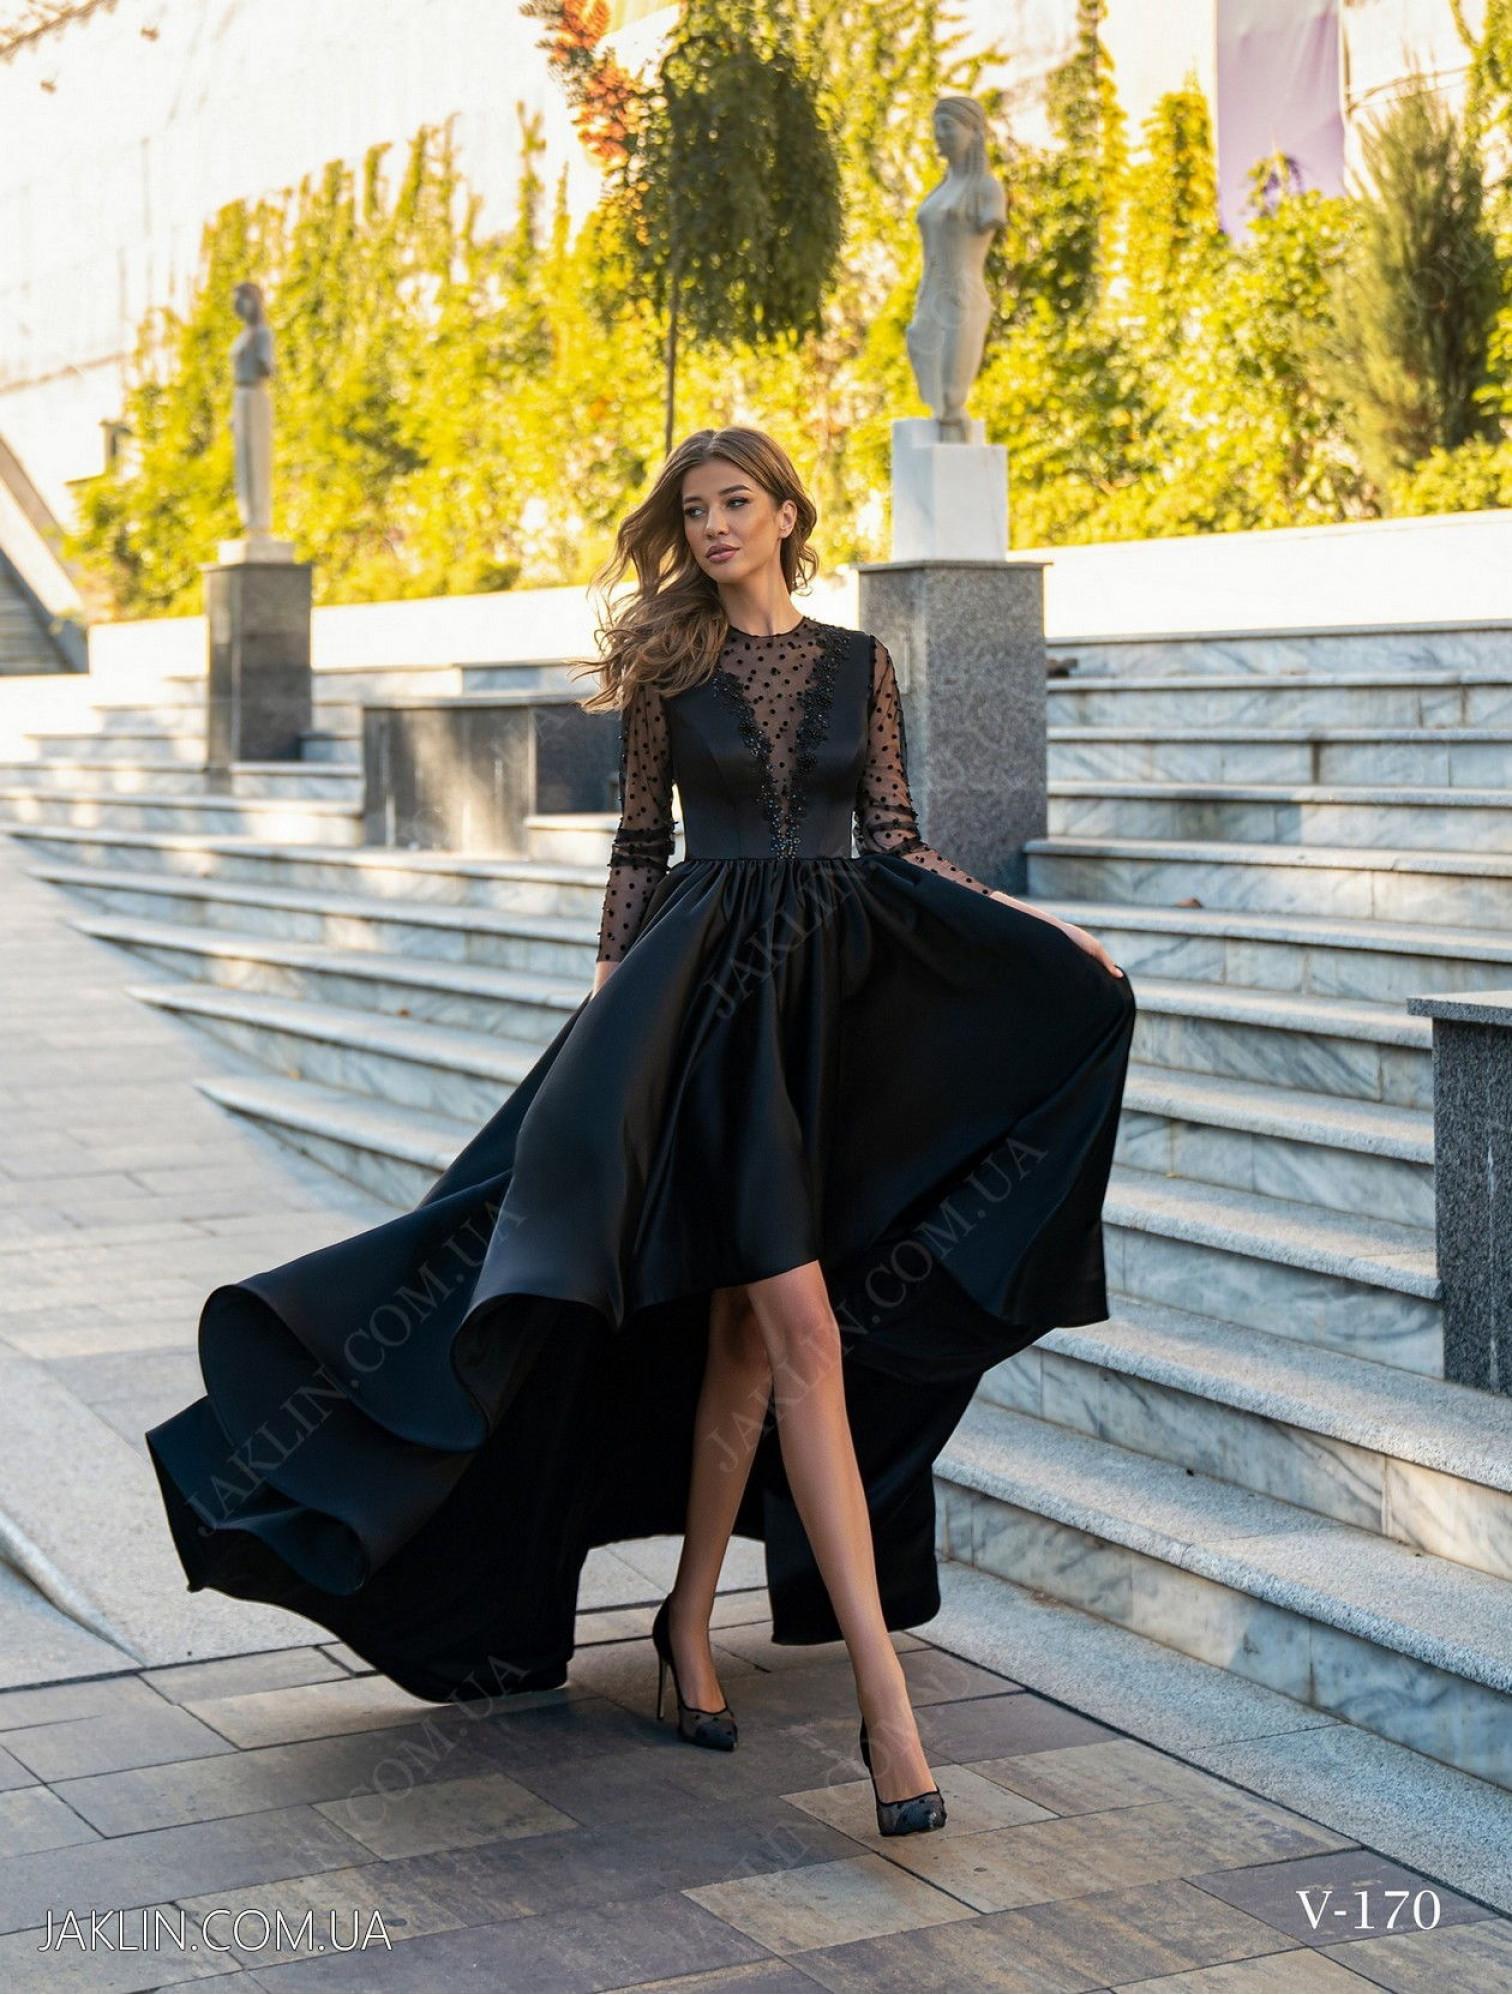 Вечернее платье V-170